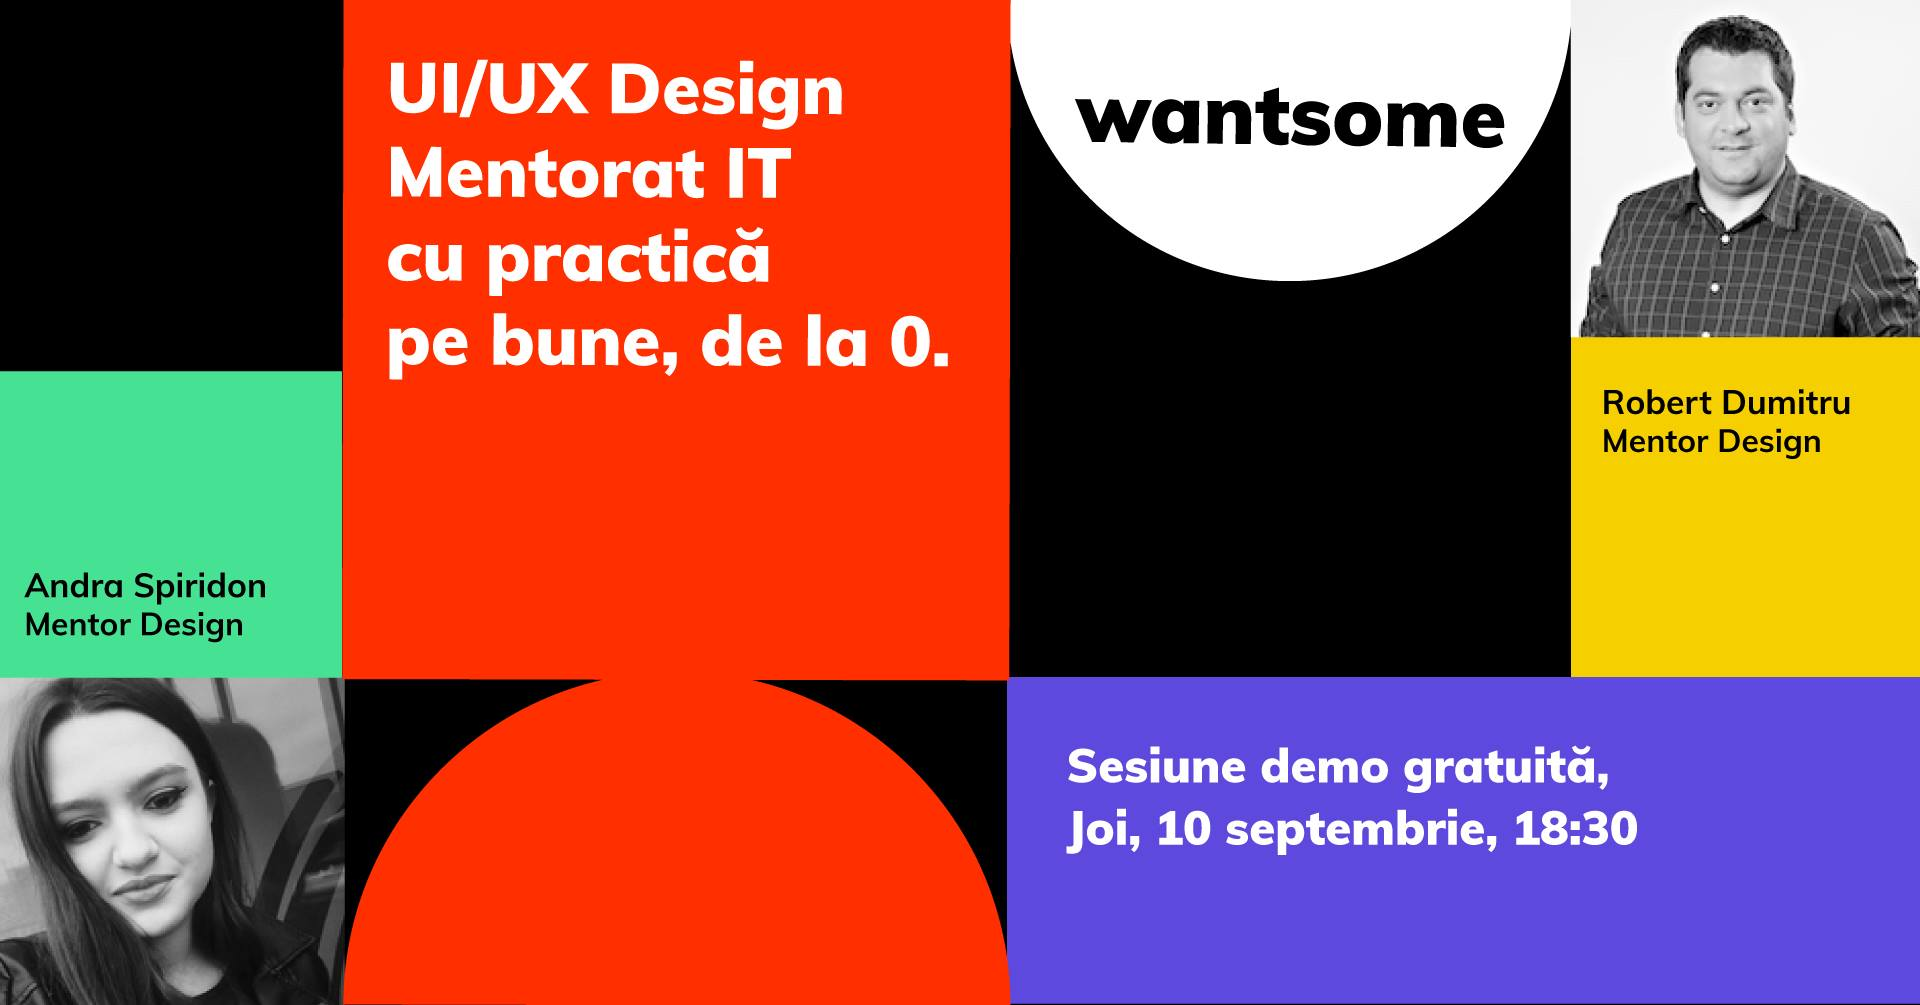 Sesiune online de prezentare a cursului de UI/UX Design